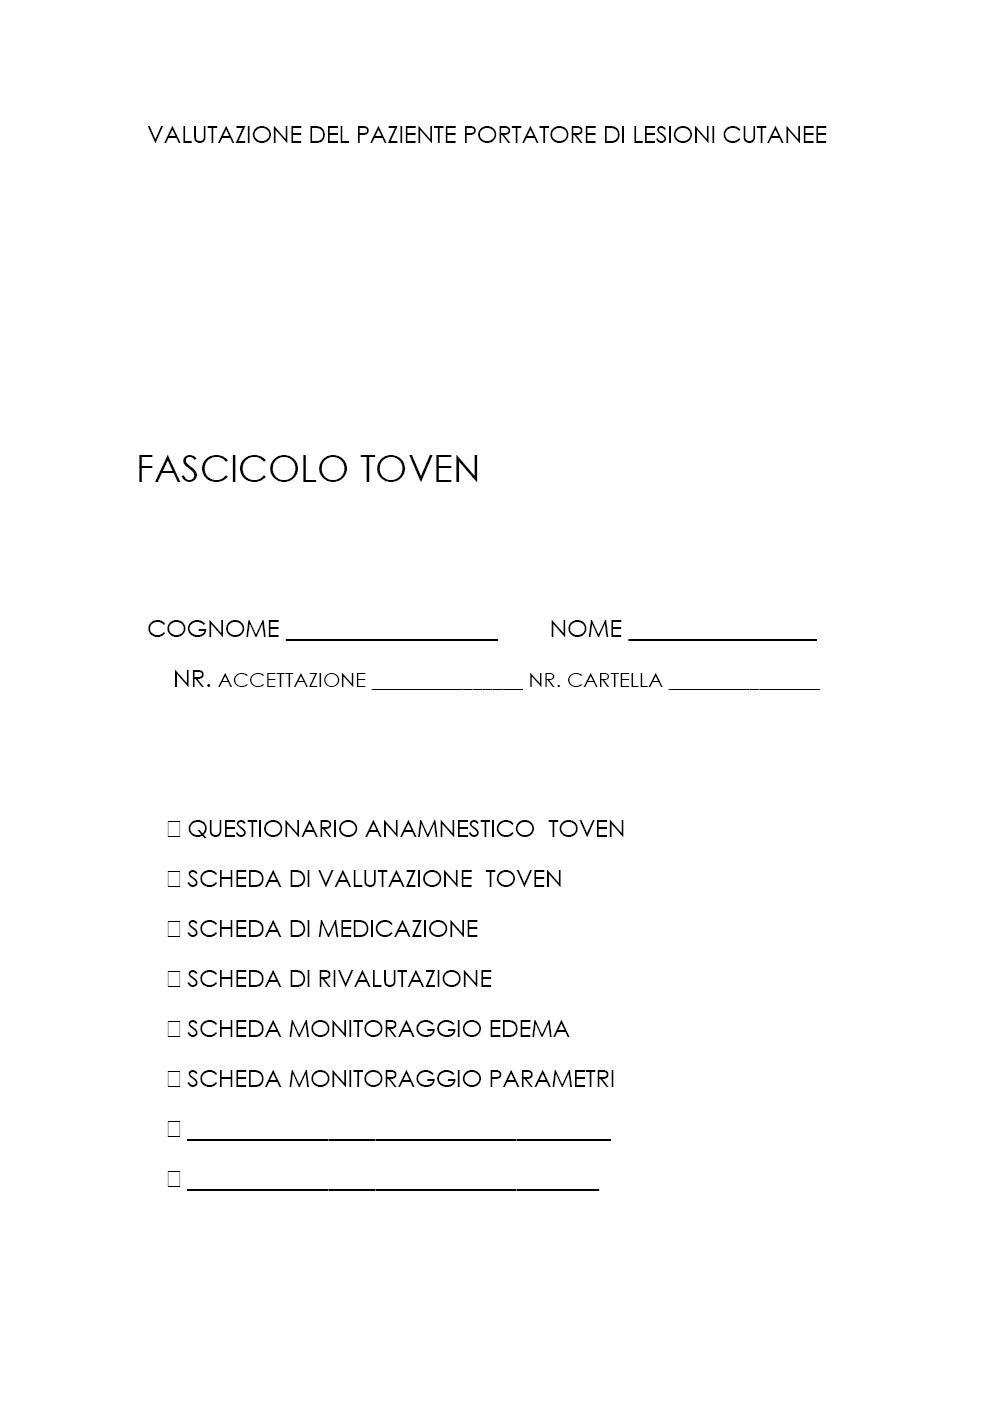 Fascicolo Toven